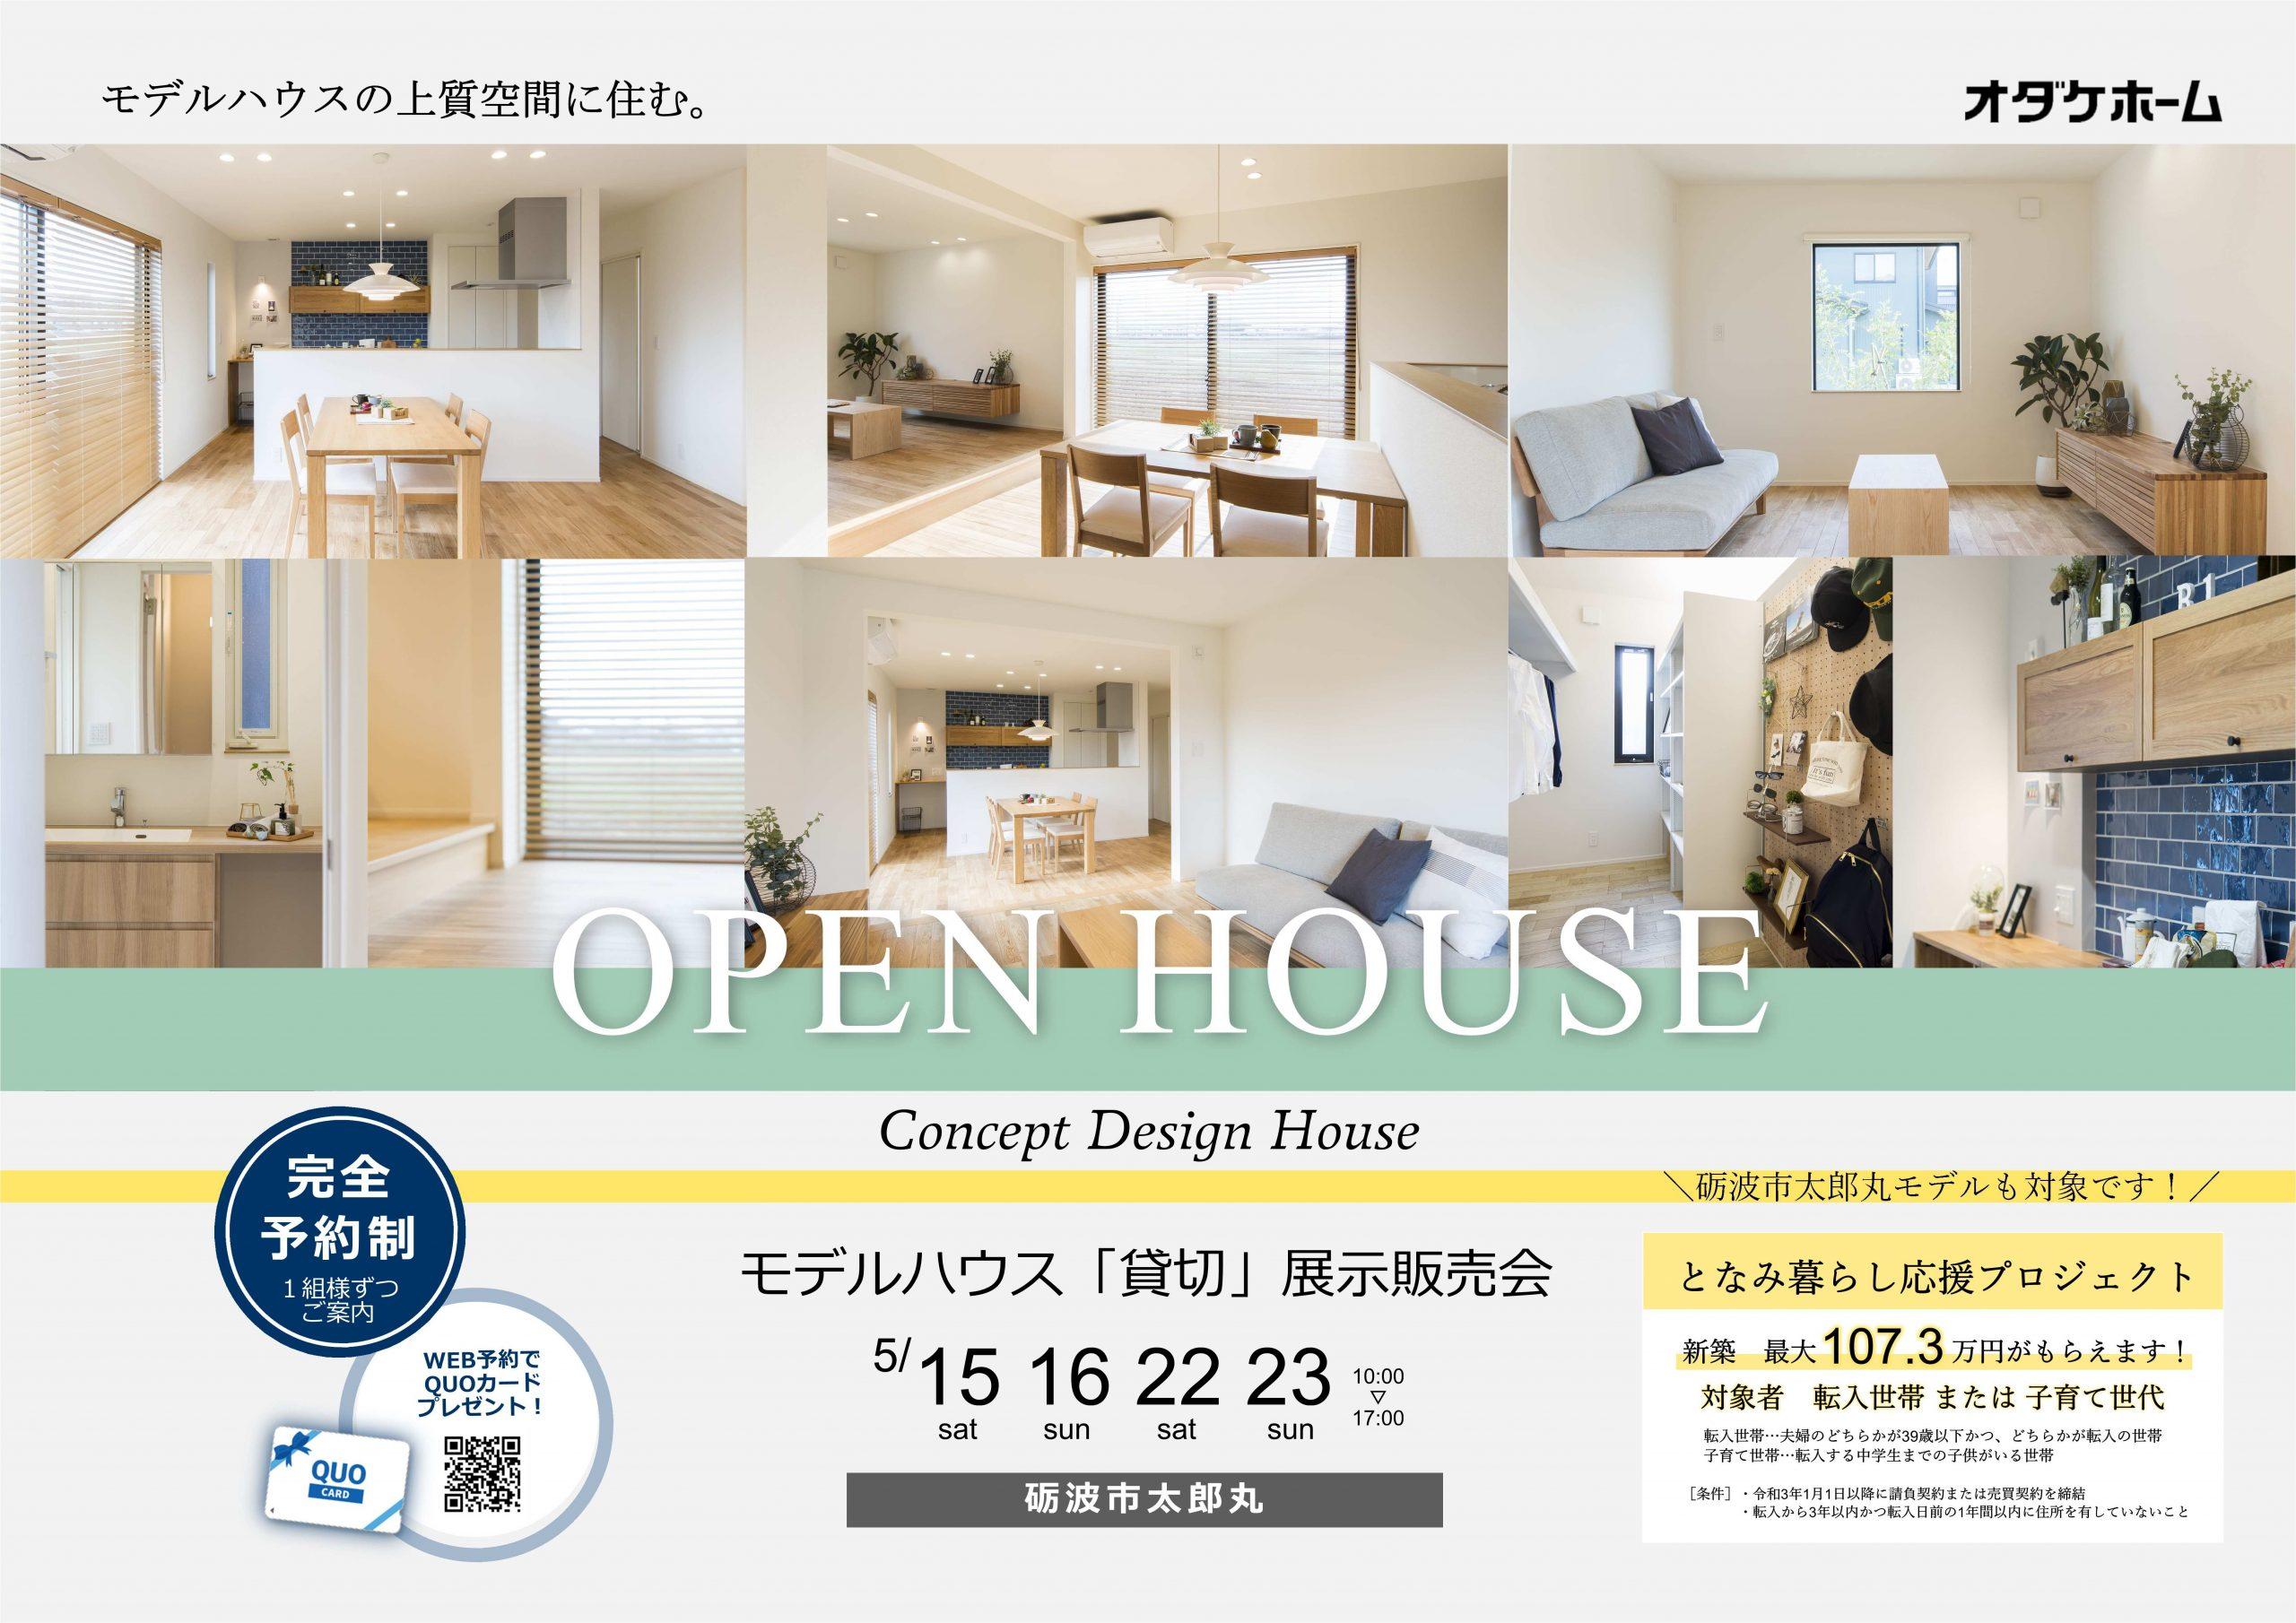 5/15(土)~23(日)砺波市太郎丸モデルハウス「貸切」展示販売会【予約制】